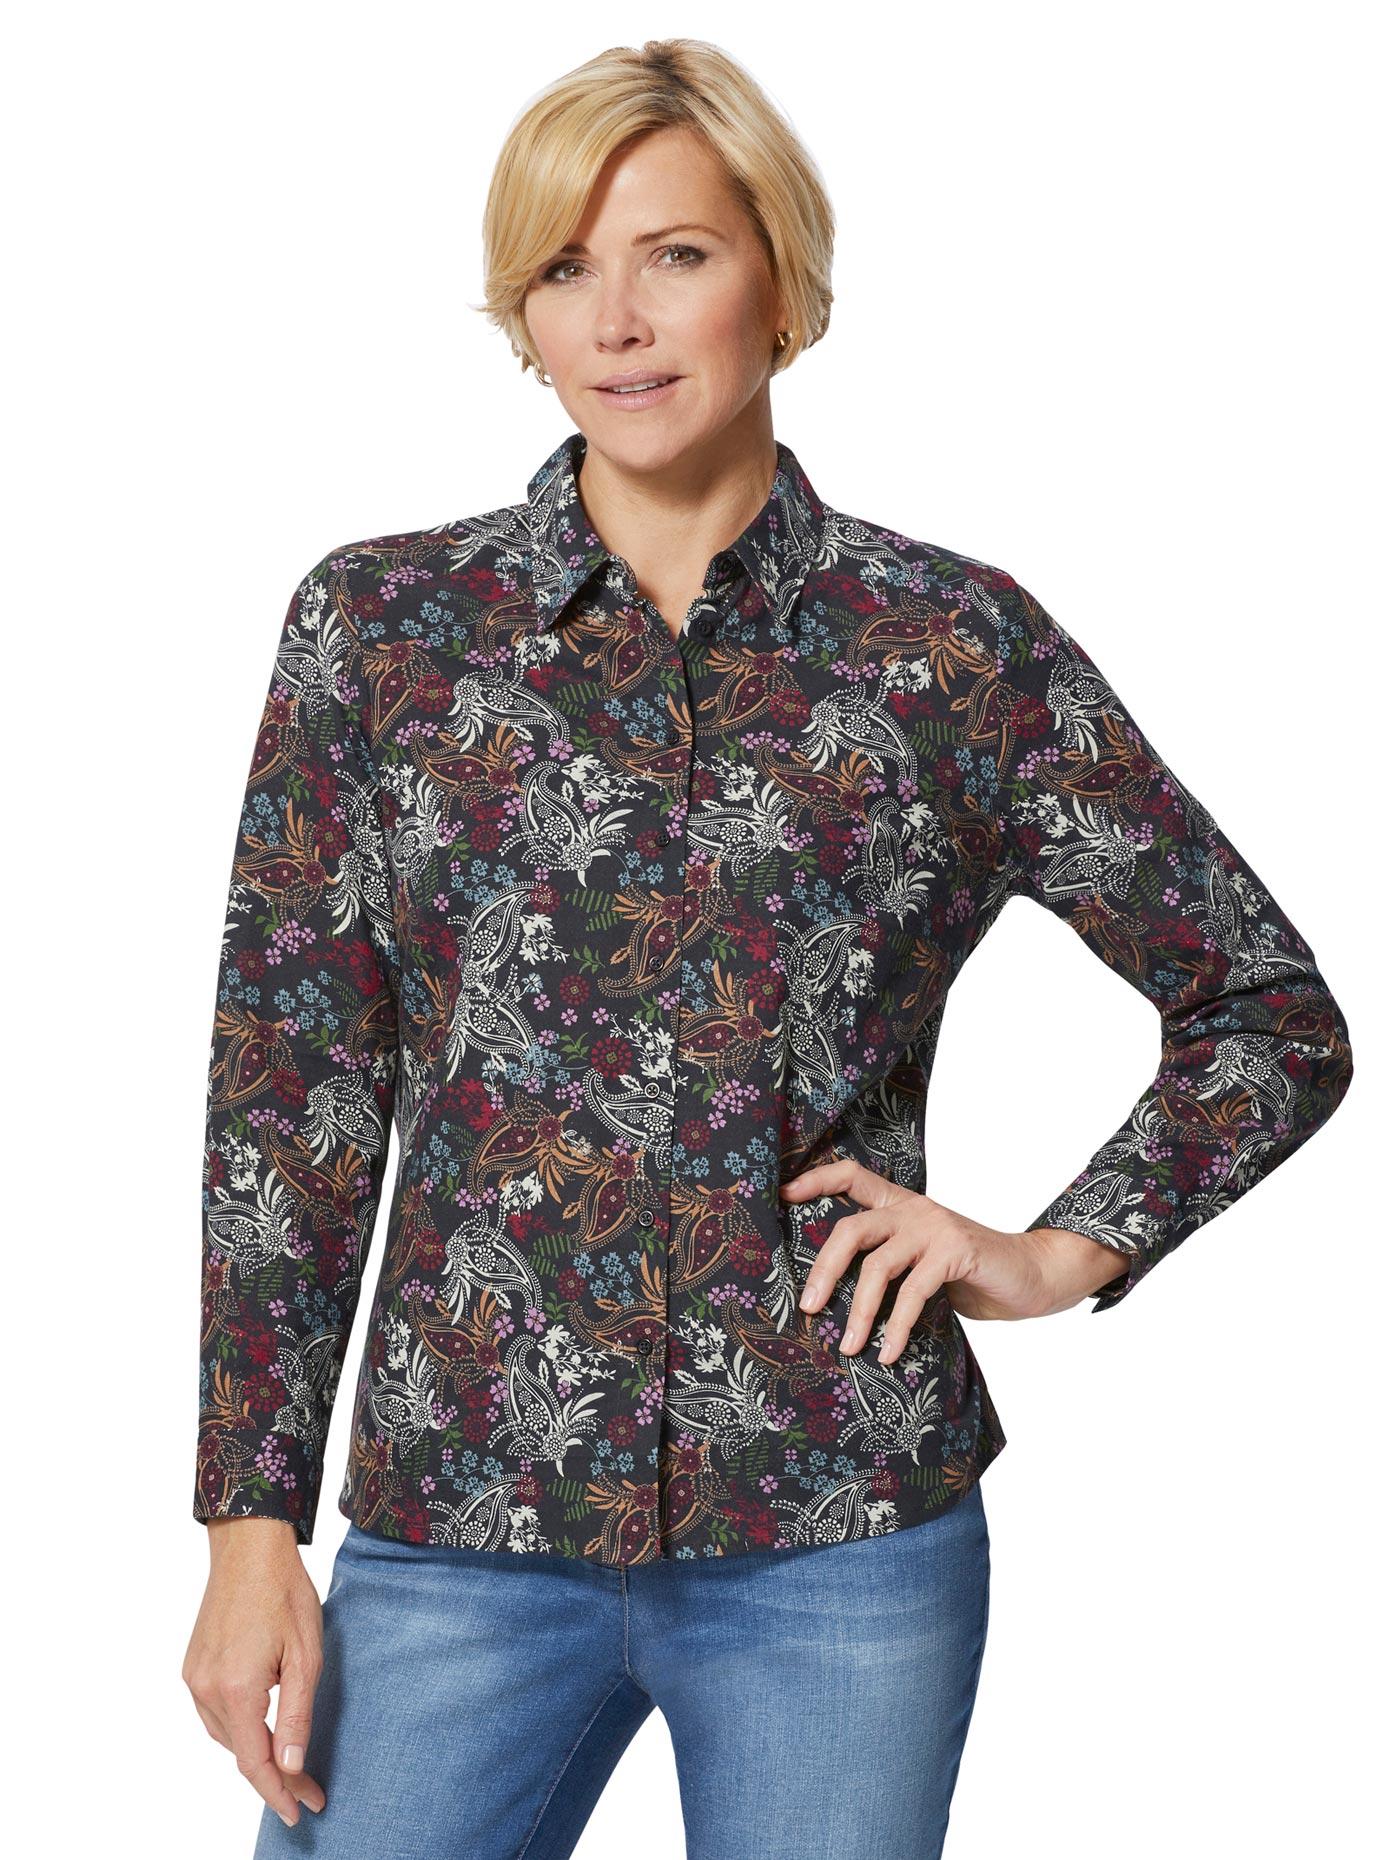 Classic Basics Bluse mit einem Muster-Mix aus Blümchen und Paisley-Ornamenten